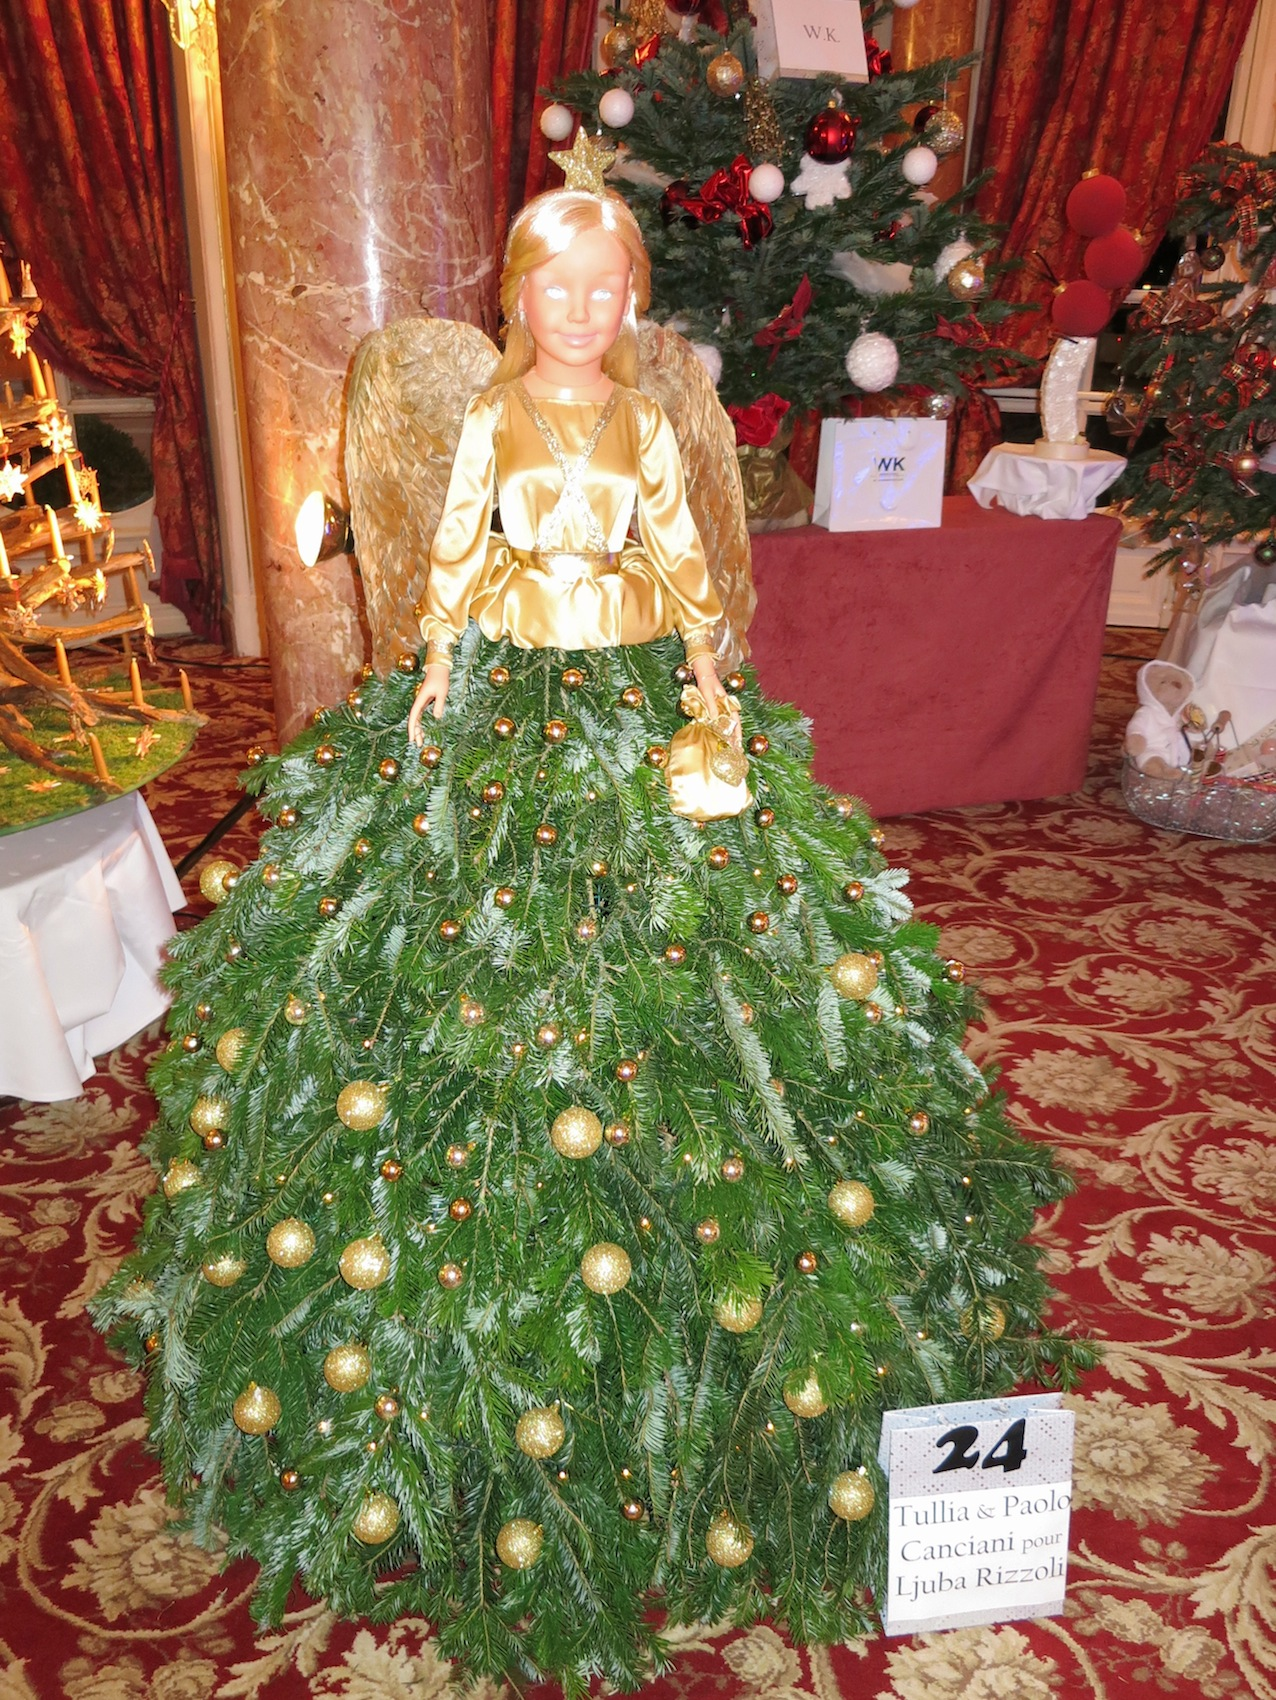 Angel Of Christmas.Tree No 24 Ljuba Rizzoli 22the Angel Of Christmas 22 With 2